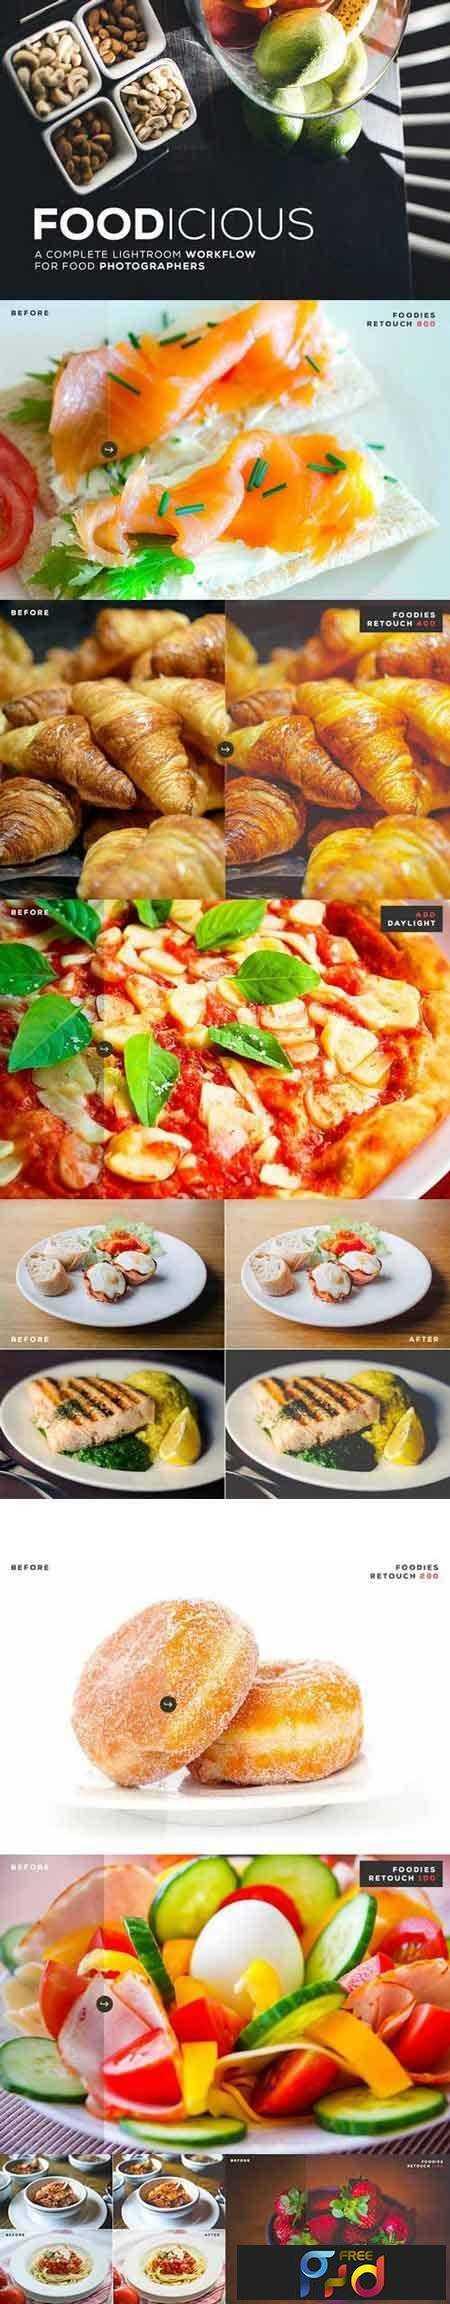 FreePsdVn.com_1702057_LIGHTROOM_foodicious_lightroom_presets_688423